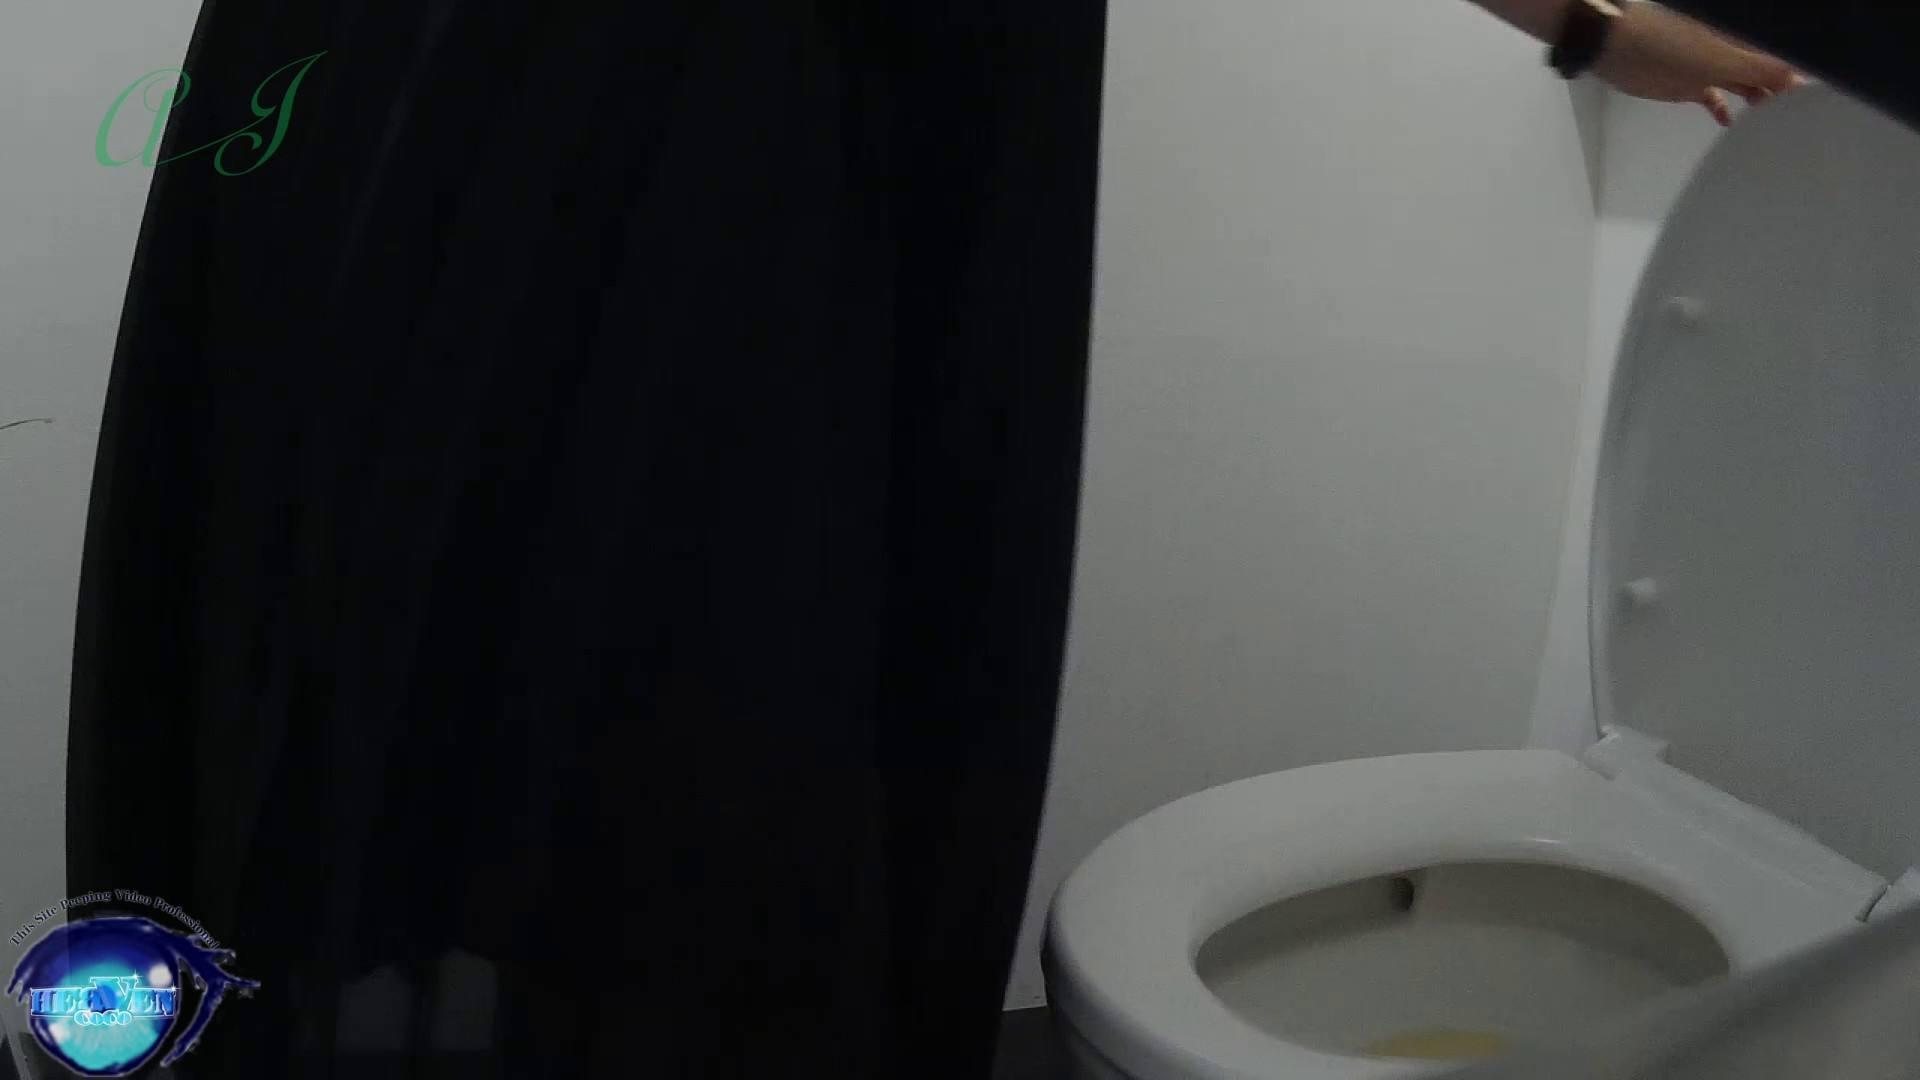 有名大学女性洗面所 vol.69可憐な女子の裏にあるオシリ・・・ 潜入突撃  87pic 60